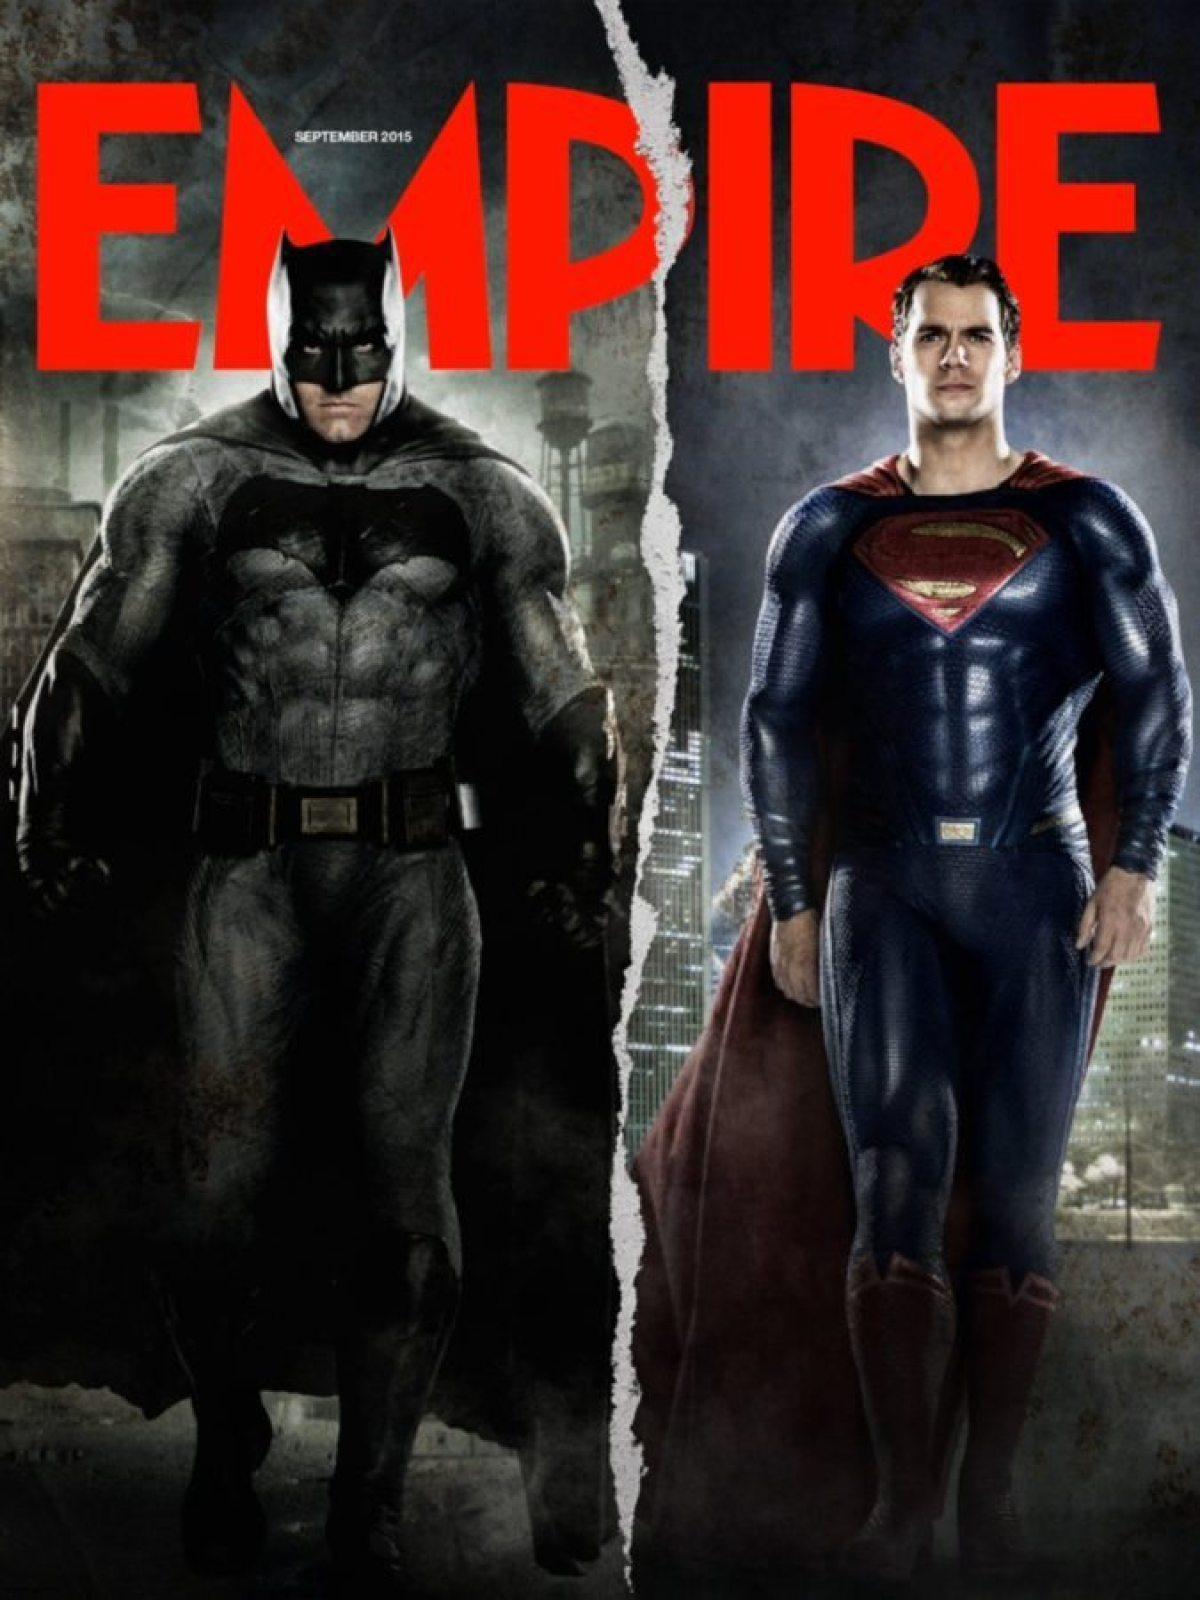 batman-vs-superman-image-ben-affleck-henry-cavill-empire-cover